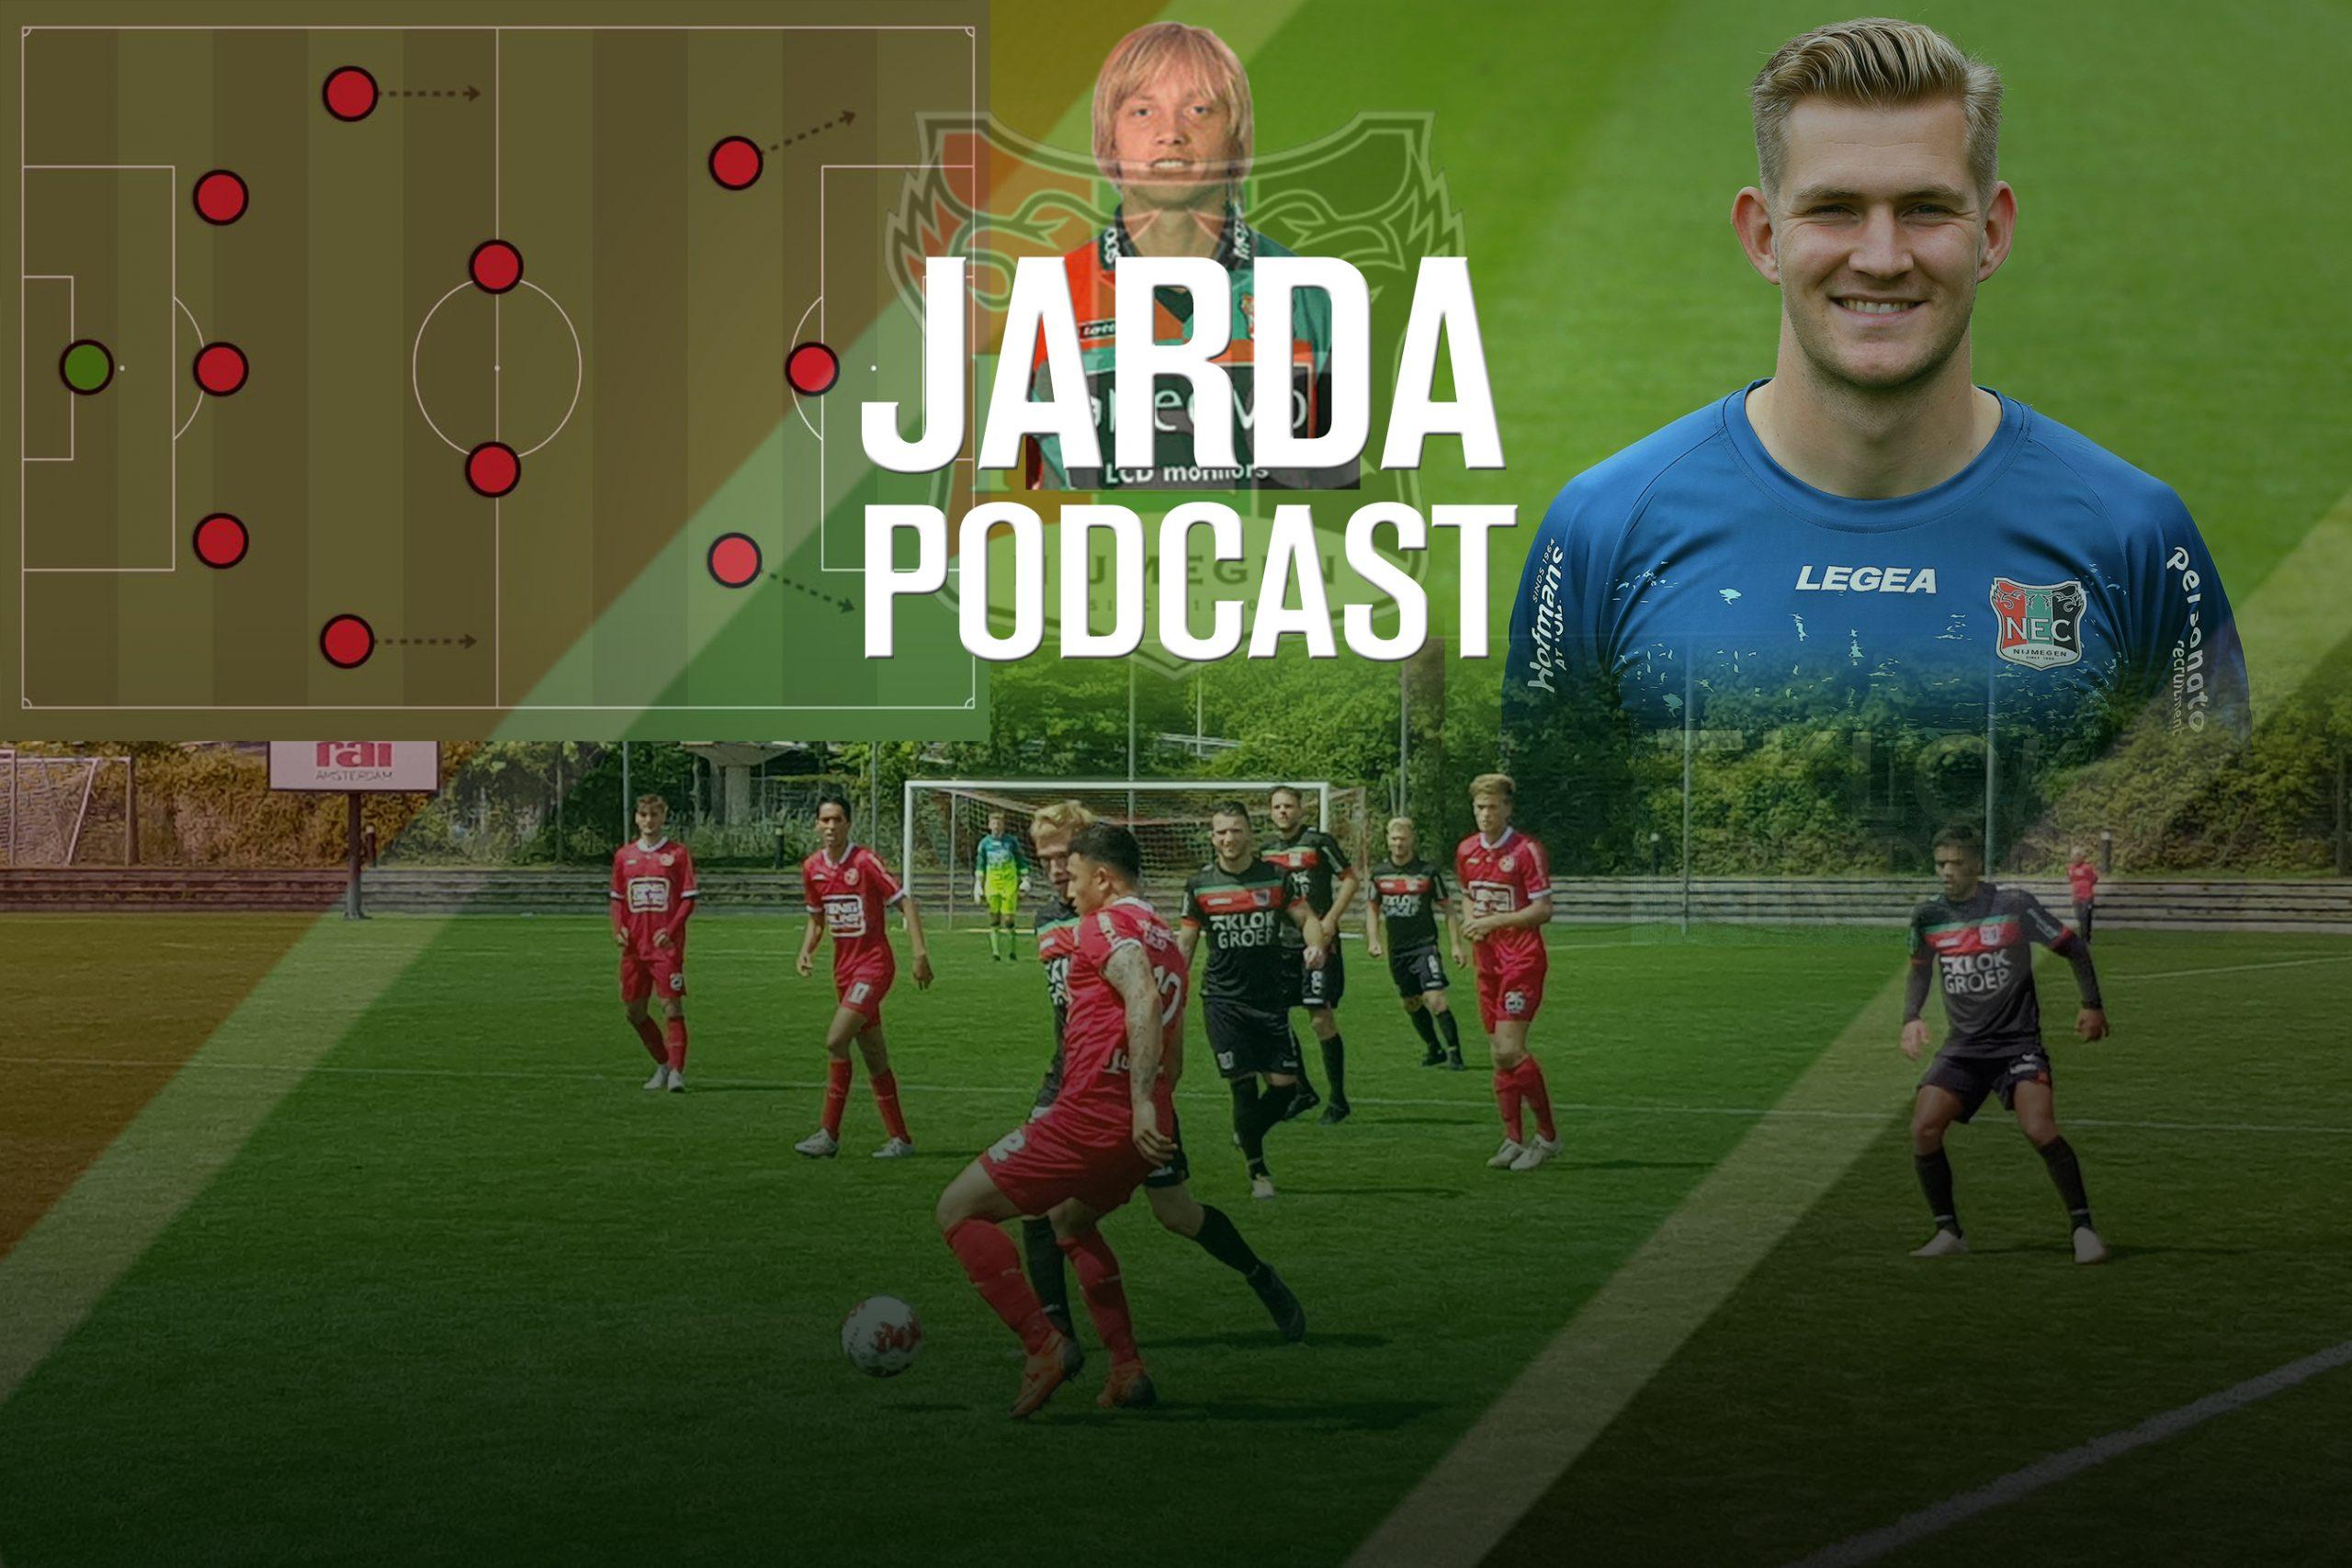 Jarda Podcast #13: de eerste test van NEC en de 5-2-3-analyse